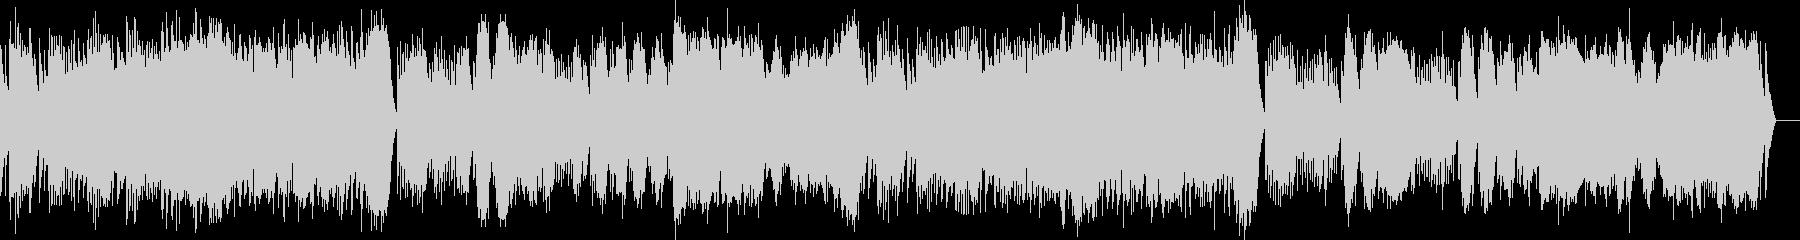 第1曲 小序曲(オルゴール)の未再生の波形